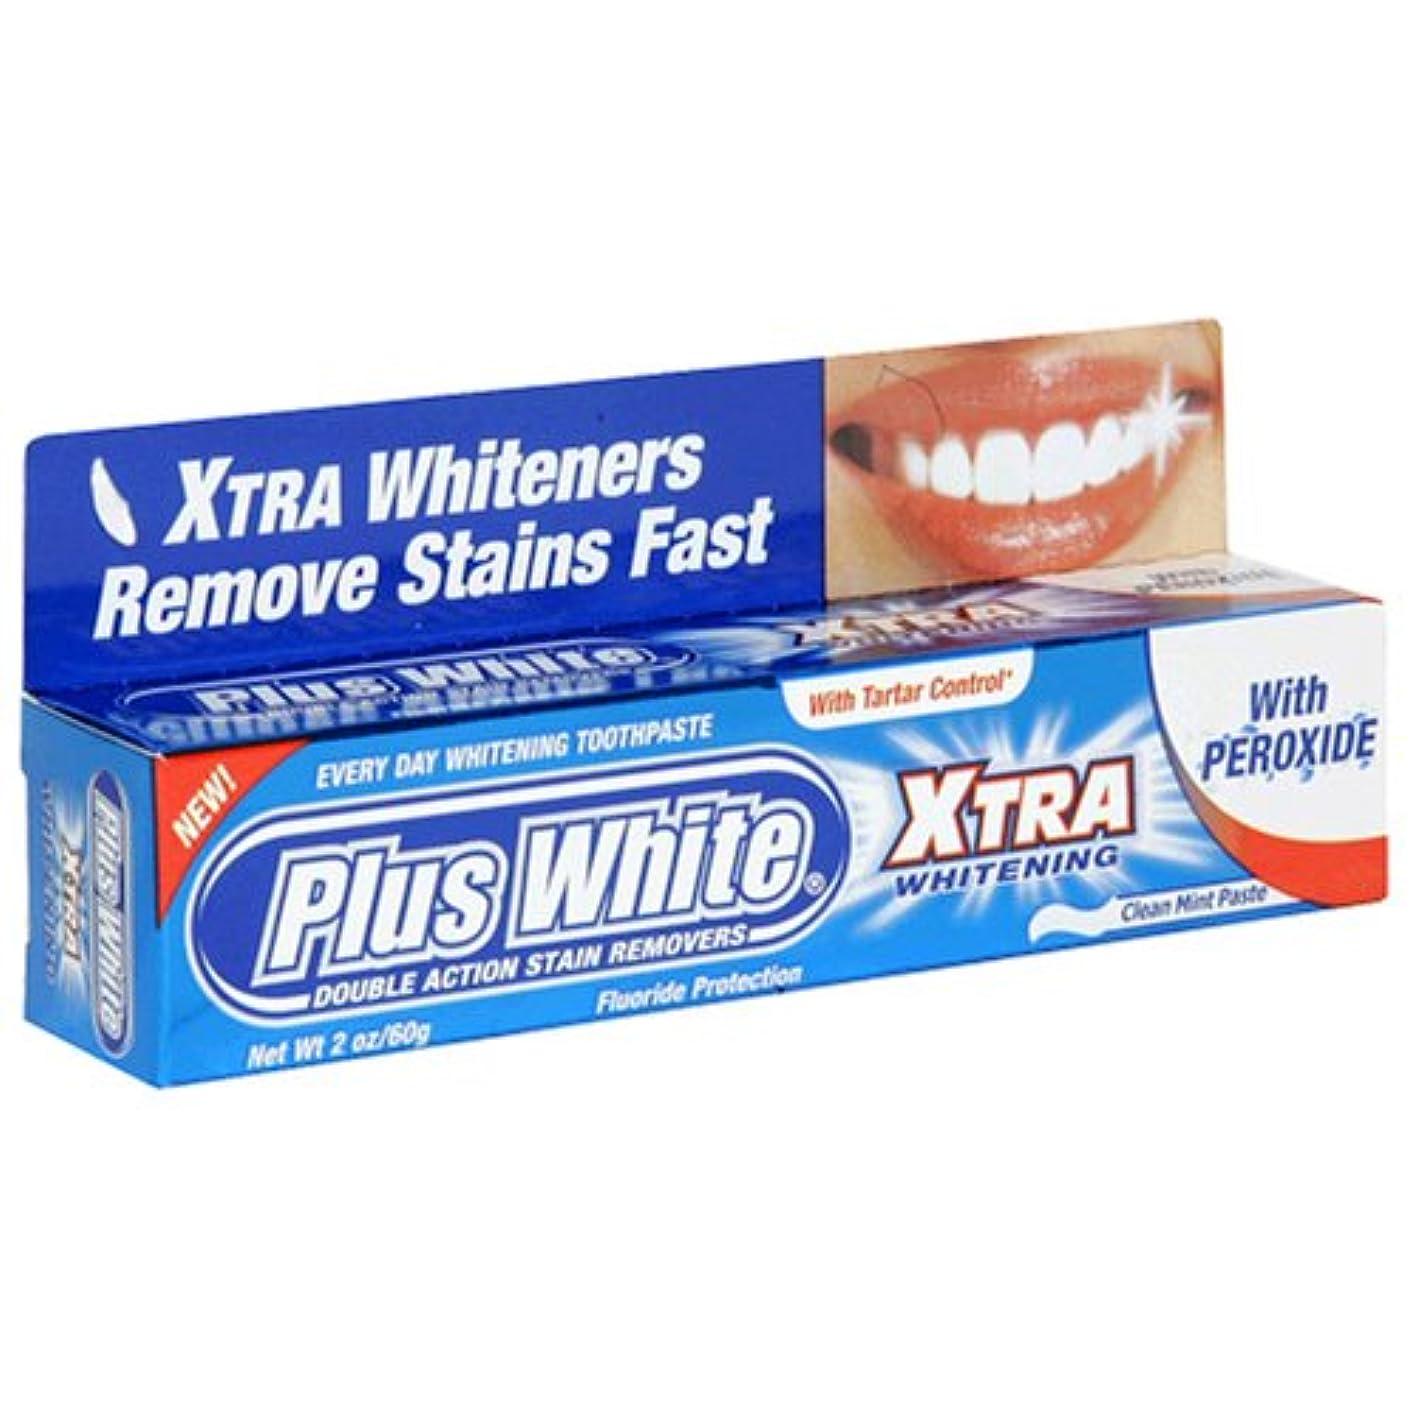 証言ディプロマラウンジPlus White Xtra Whitening Every Day Whitening Toothpaste With Tartar Control Clean Mint 2 Oz (60 G) (Case Of 6...